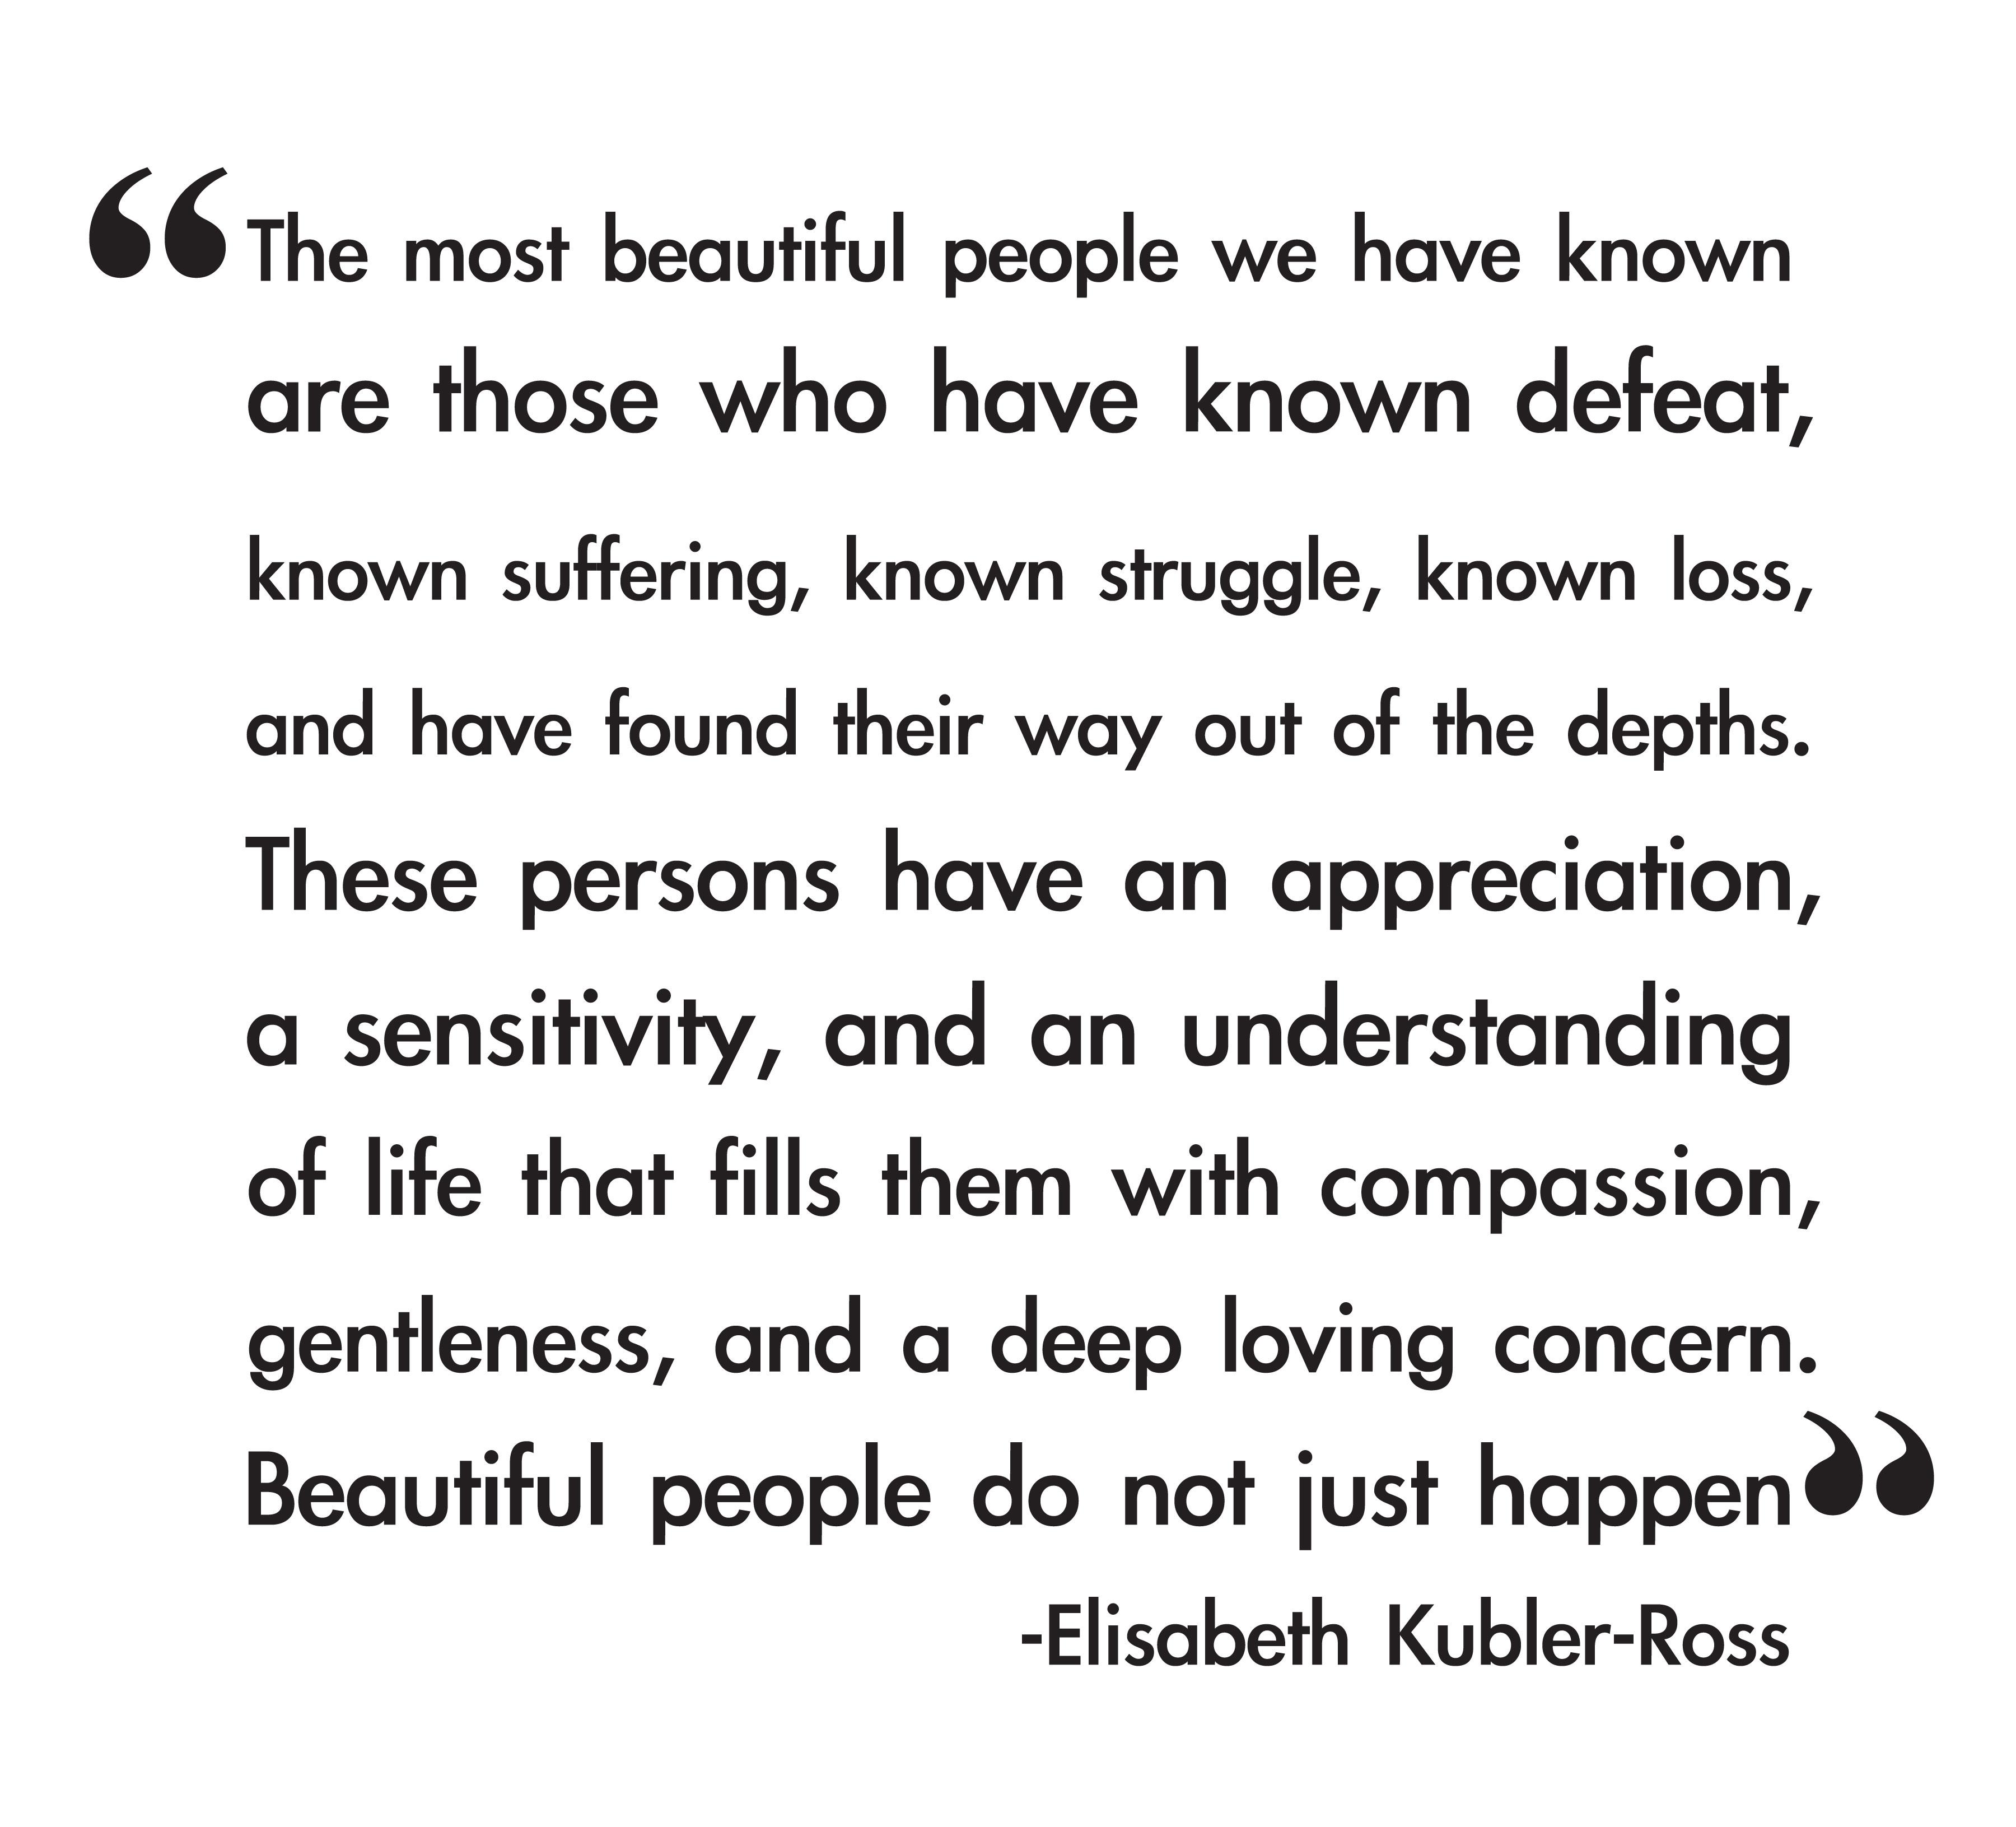 Elisabeth Kubler-Ross's quote #4